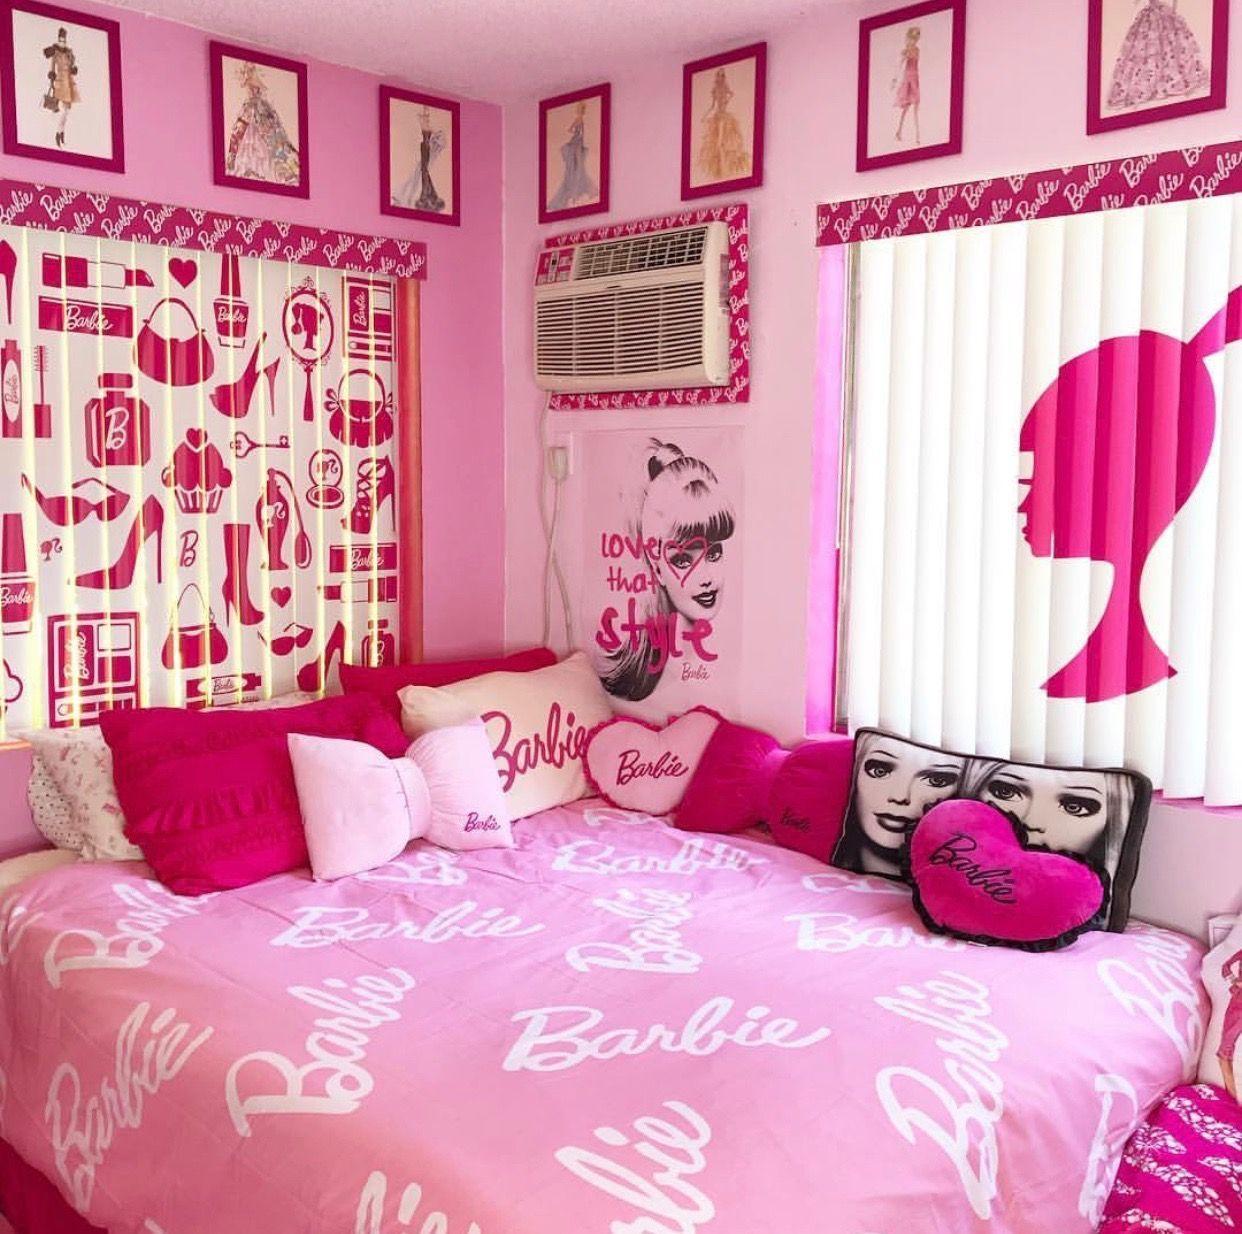 Barbie Room Ideas Bedrooms Pink ` Barbie Room Ideas